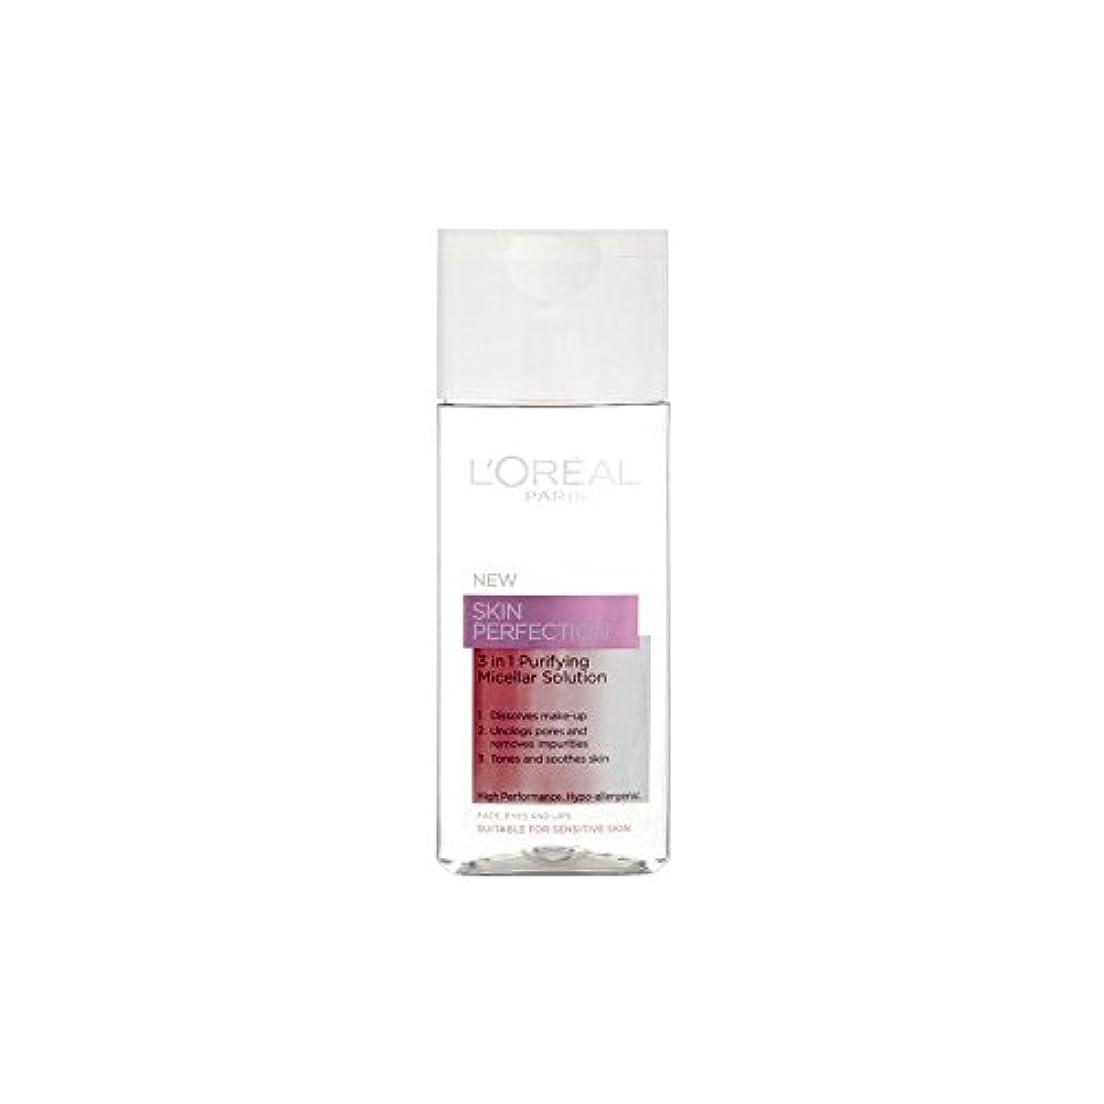 確立差別化するセールL'Oreal Paris Dermo Expertise Skin Perfection 3 In 1 Purifying Micellar Solution (200ml) (Pack of 6) - 1つの精製ミセル溶液中ロレアルパリ?ダーモ専門知識の皮膚完璧3(200ミリリットル) x6 [並行輸入品]